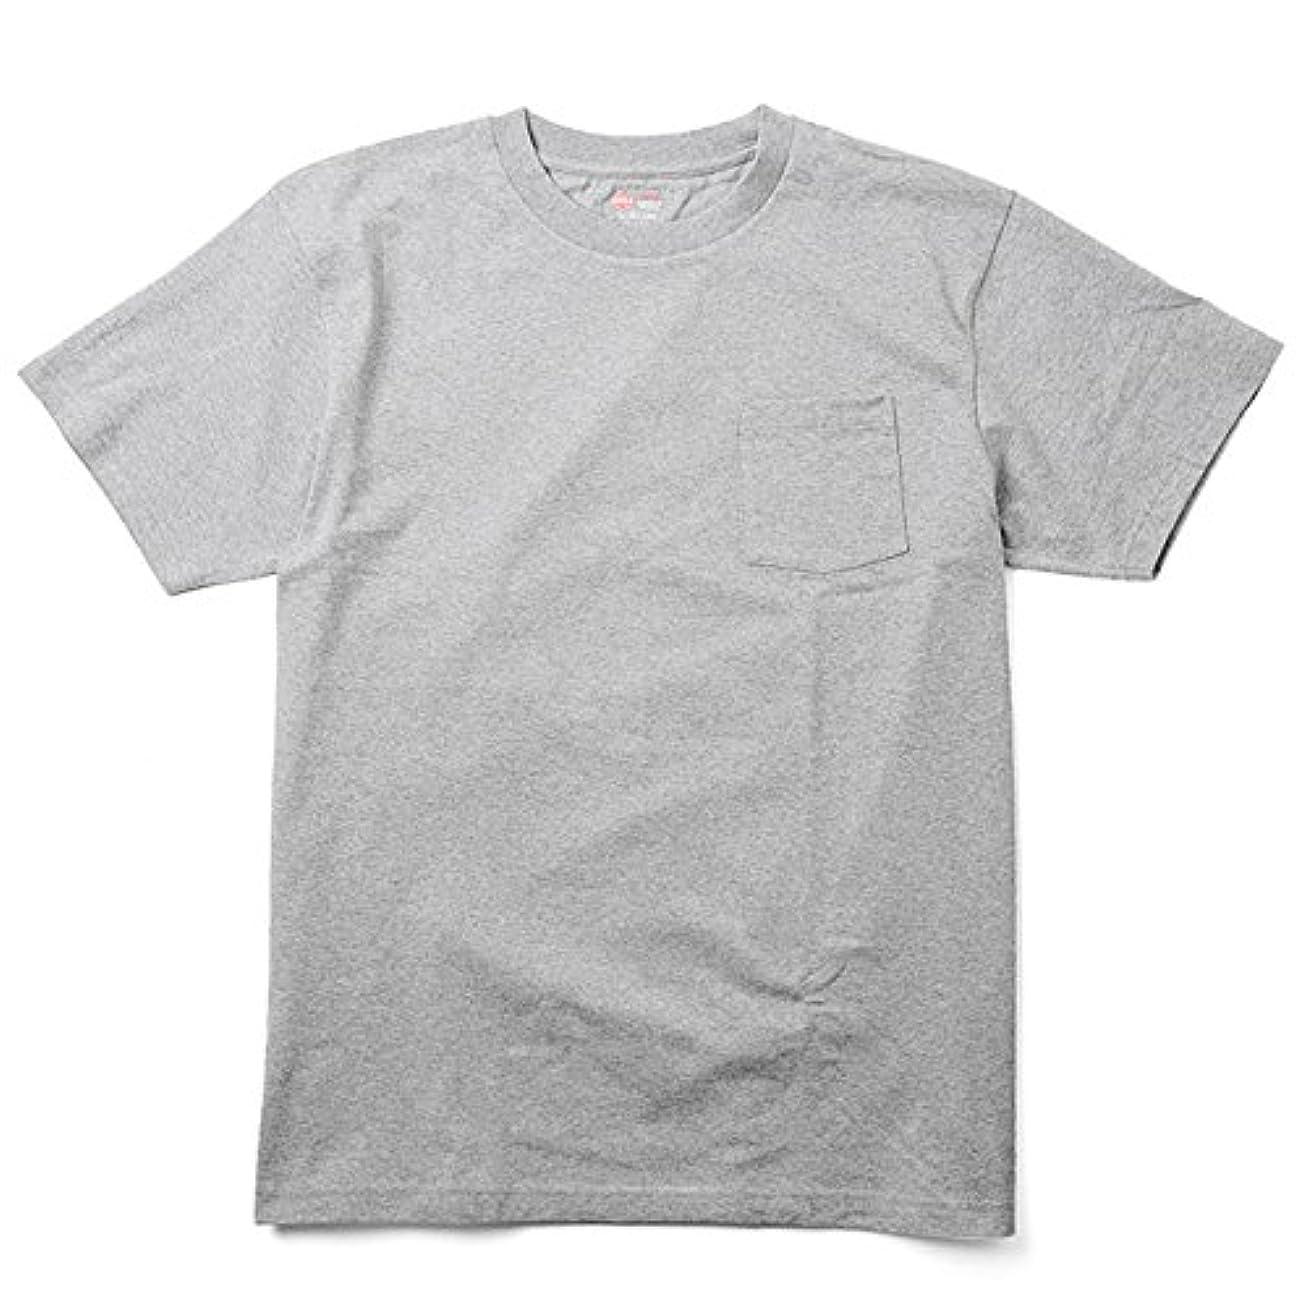 供給簡単にオピエート(レッドキャップ) RED KAP MJ-SP2PJ 2枚組 へヴィーウェイト クルーネック ポケットTシャツ rktv2120610209